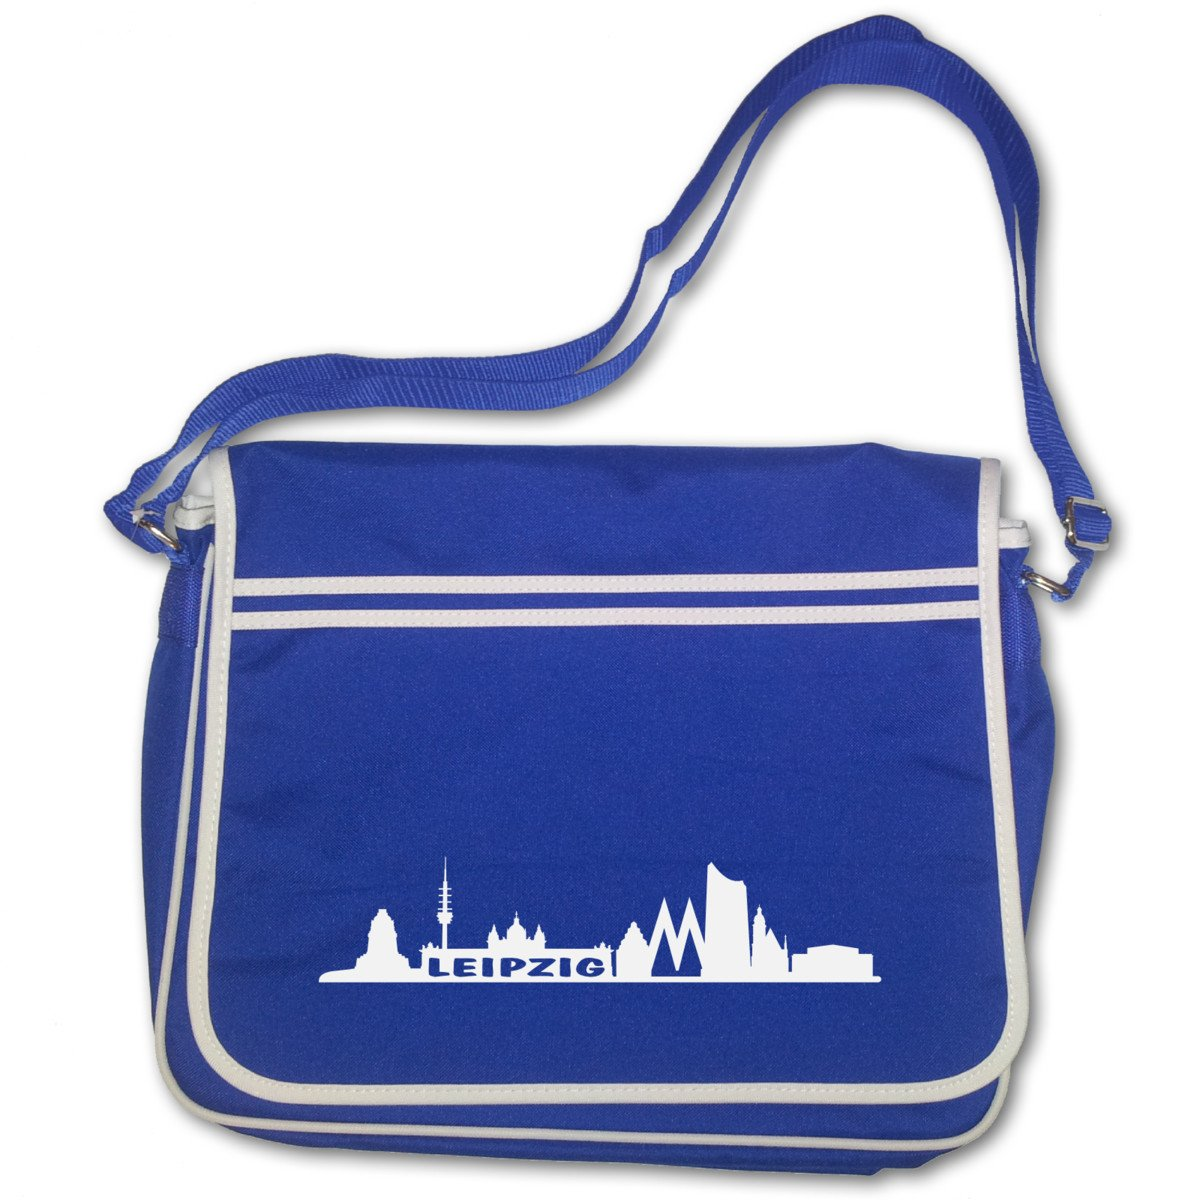 Freizeittasche Leipzig Skyline Schultasche  4 Farben Freizeittasche Tasche Retro